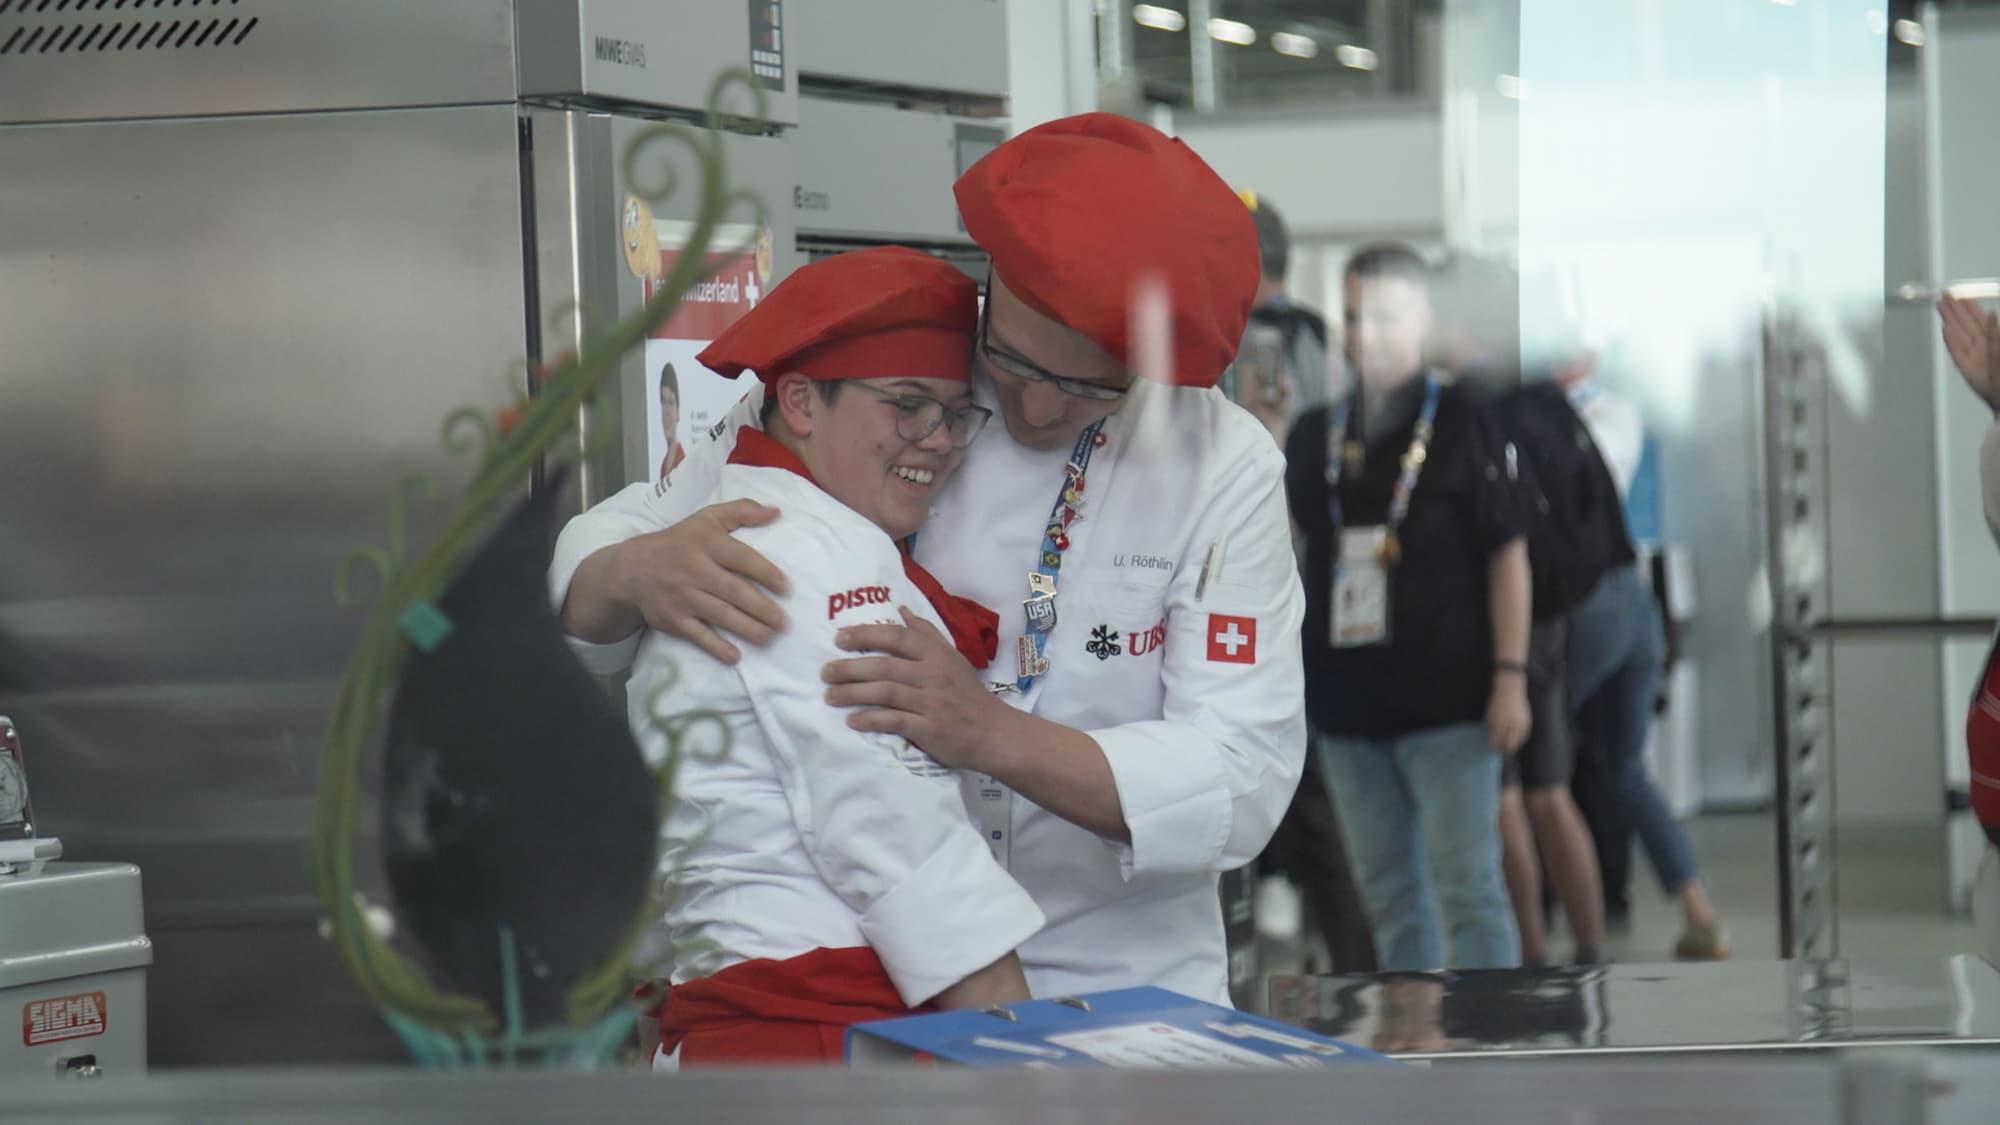 Erste Schweizerin beendet WorldSkills-Wettkampf: Ist Sonja (19) die beste Bäckerin der Welt?